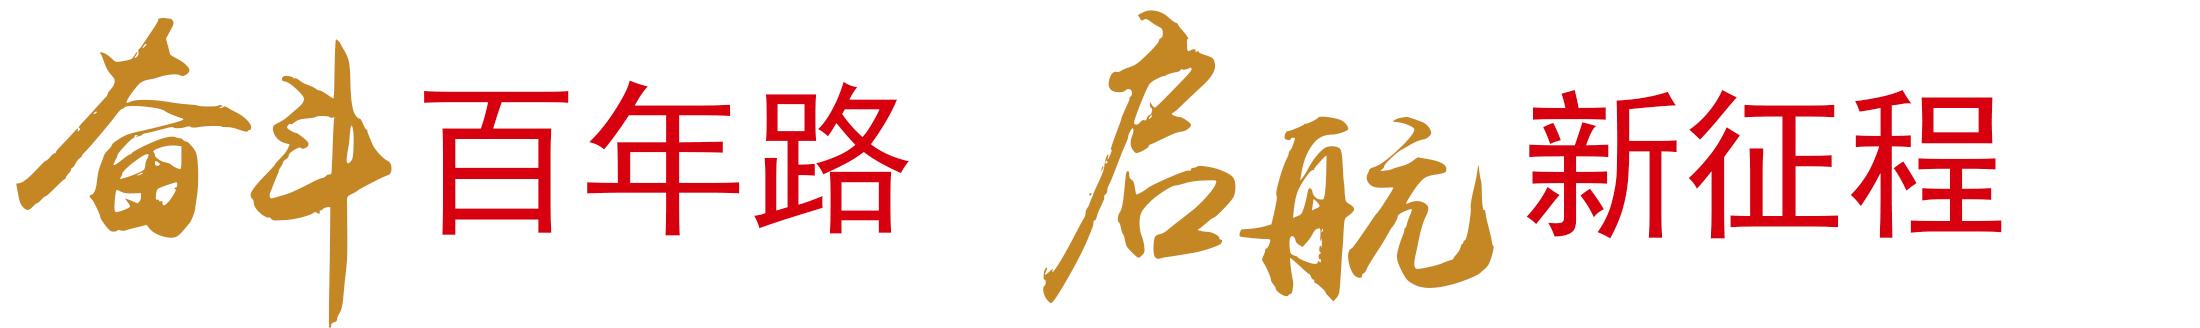 中国食品报